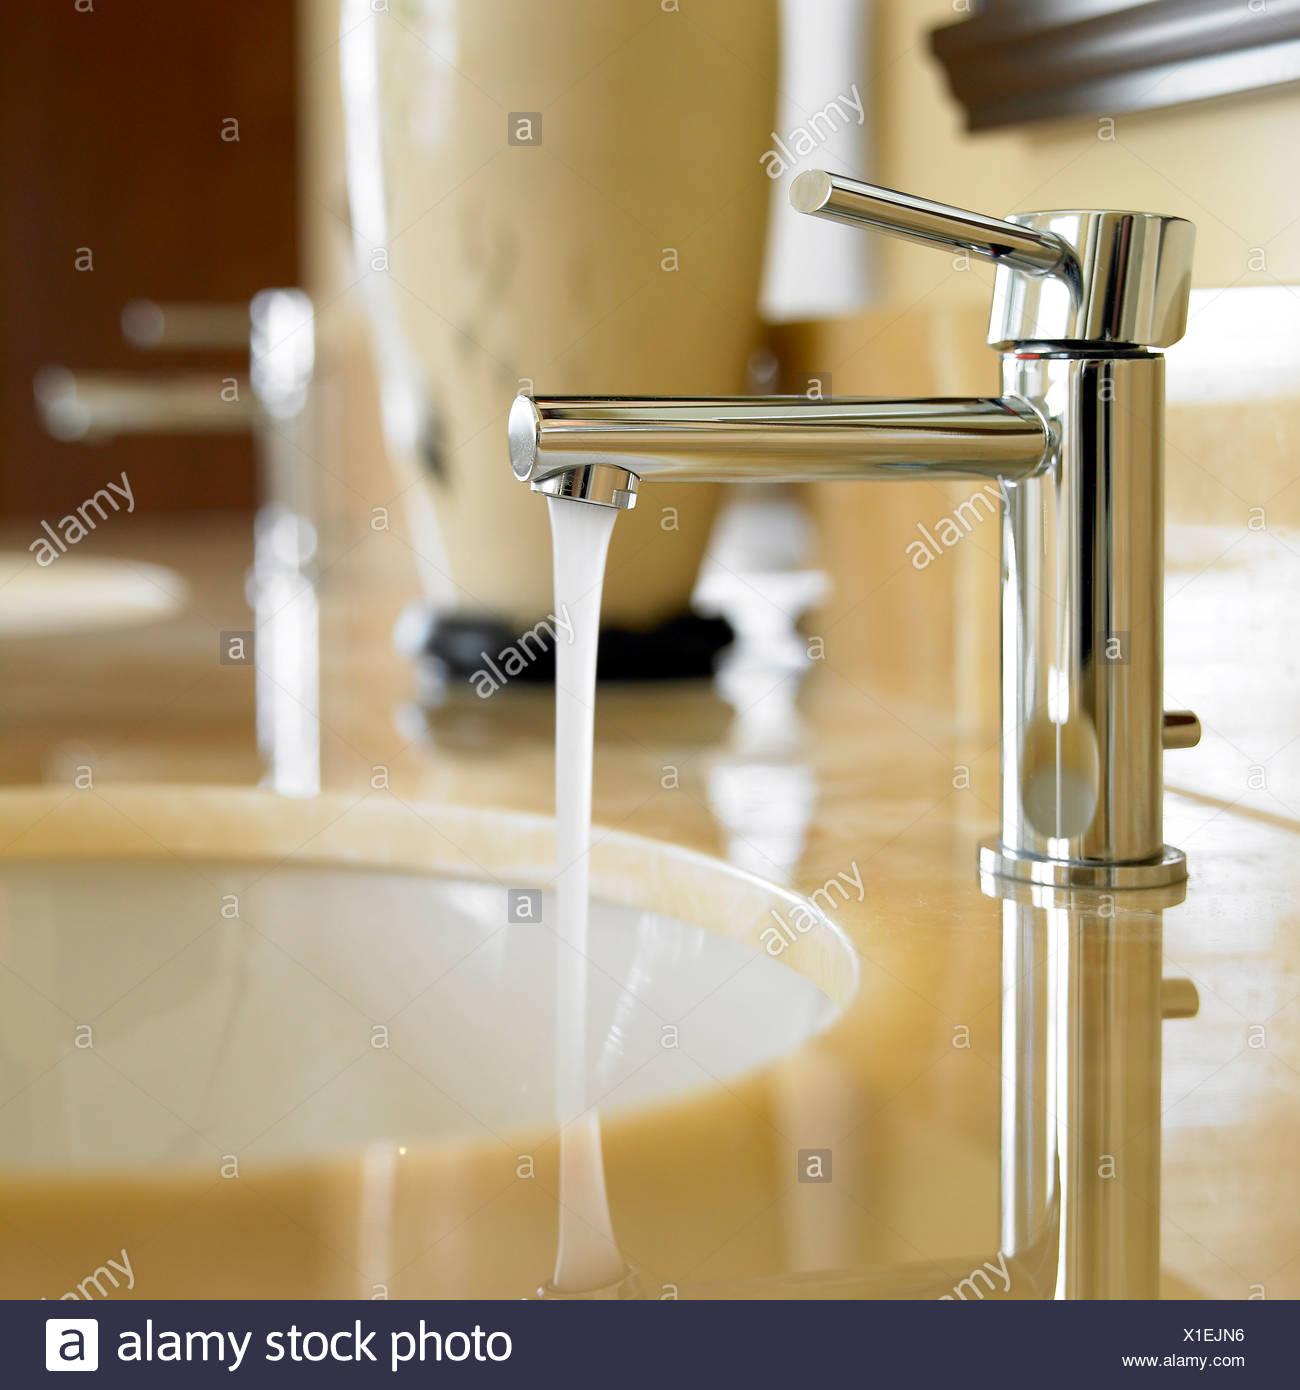 Marble Bathrooms Photos: Marble Bathroom Stock Photos & Marble Bathroom Stock